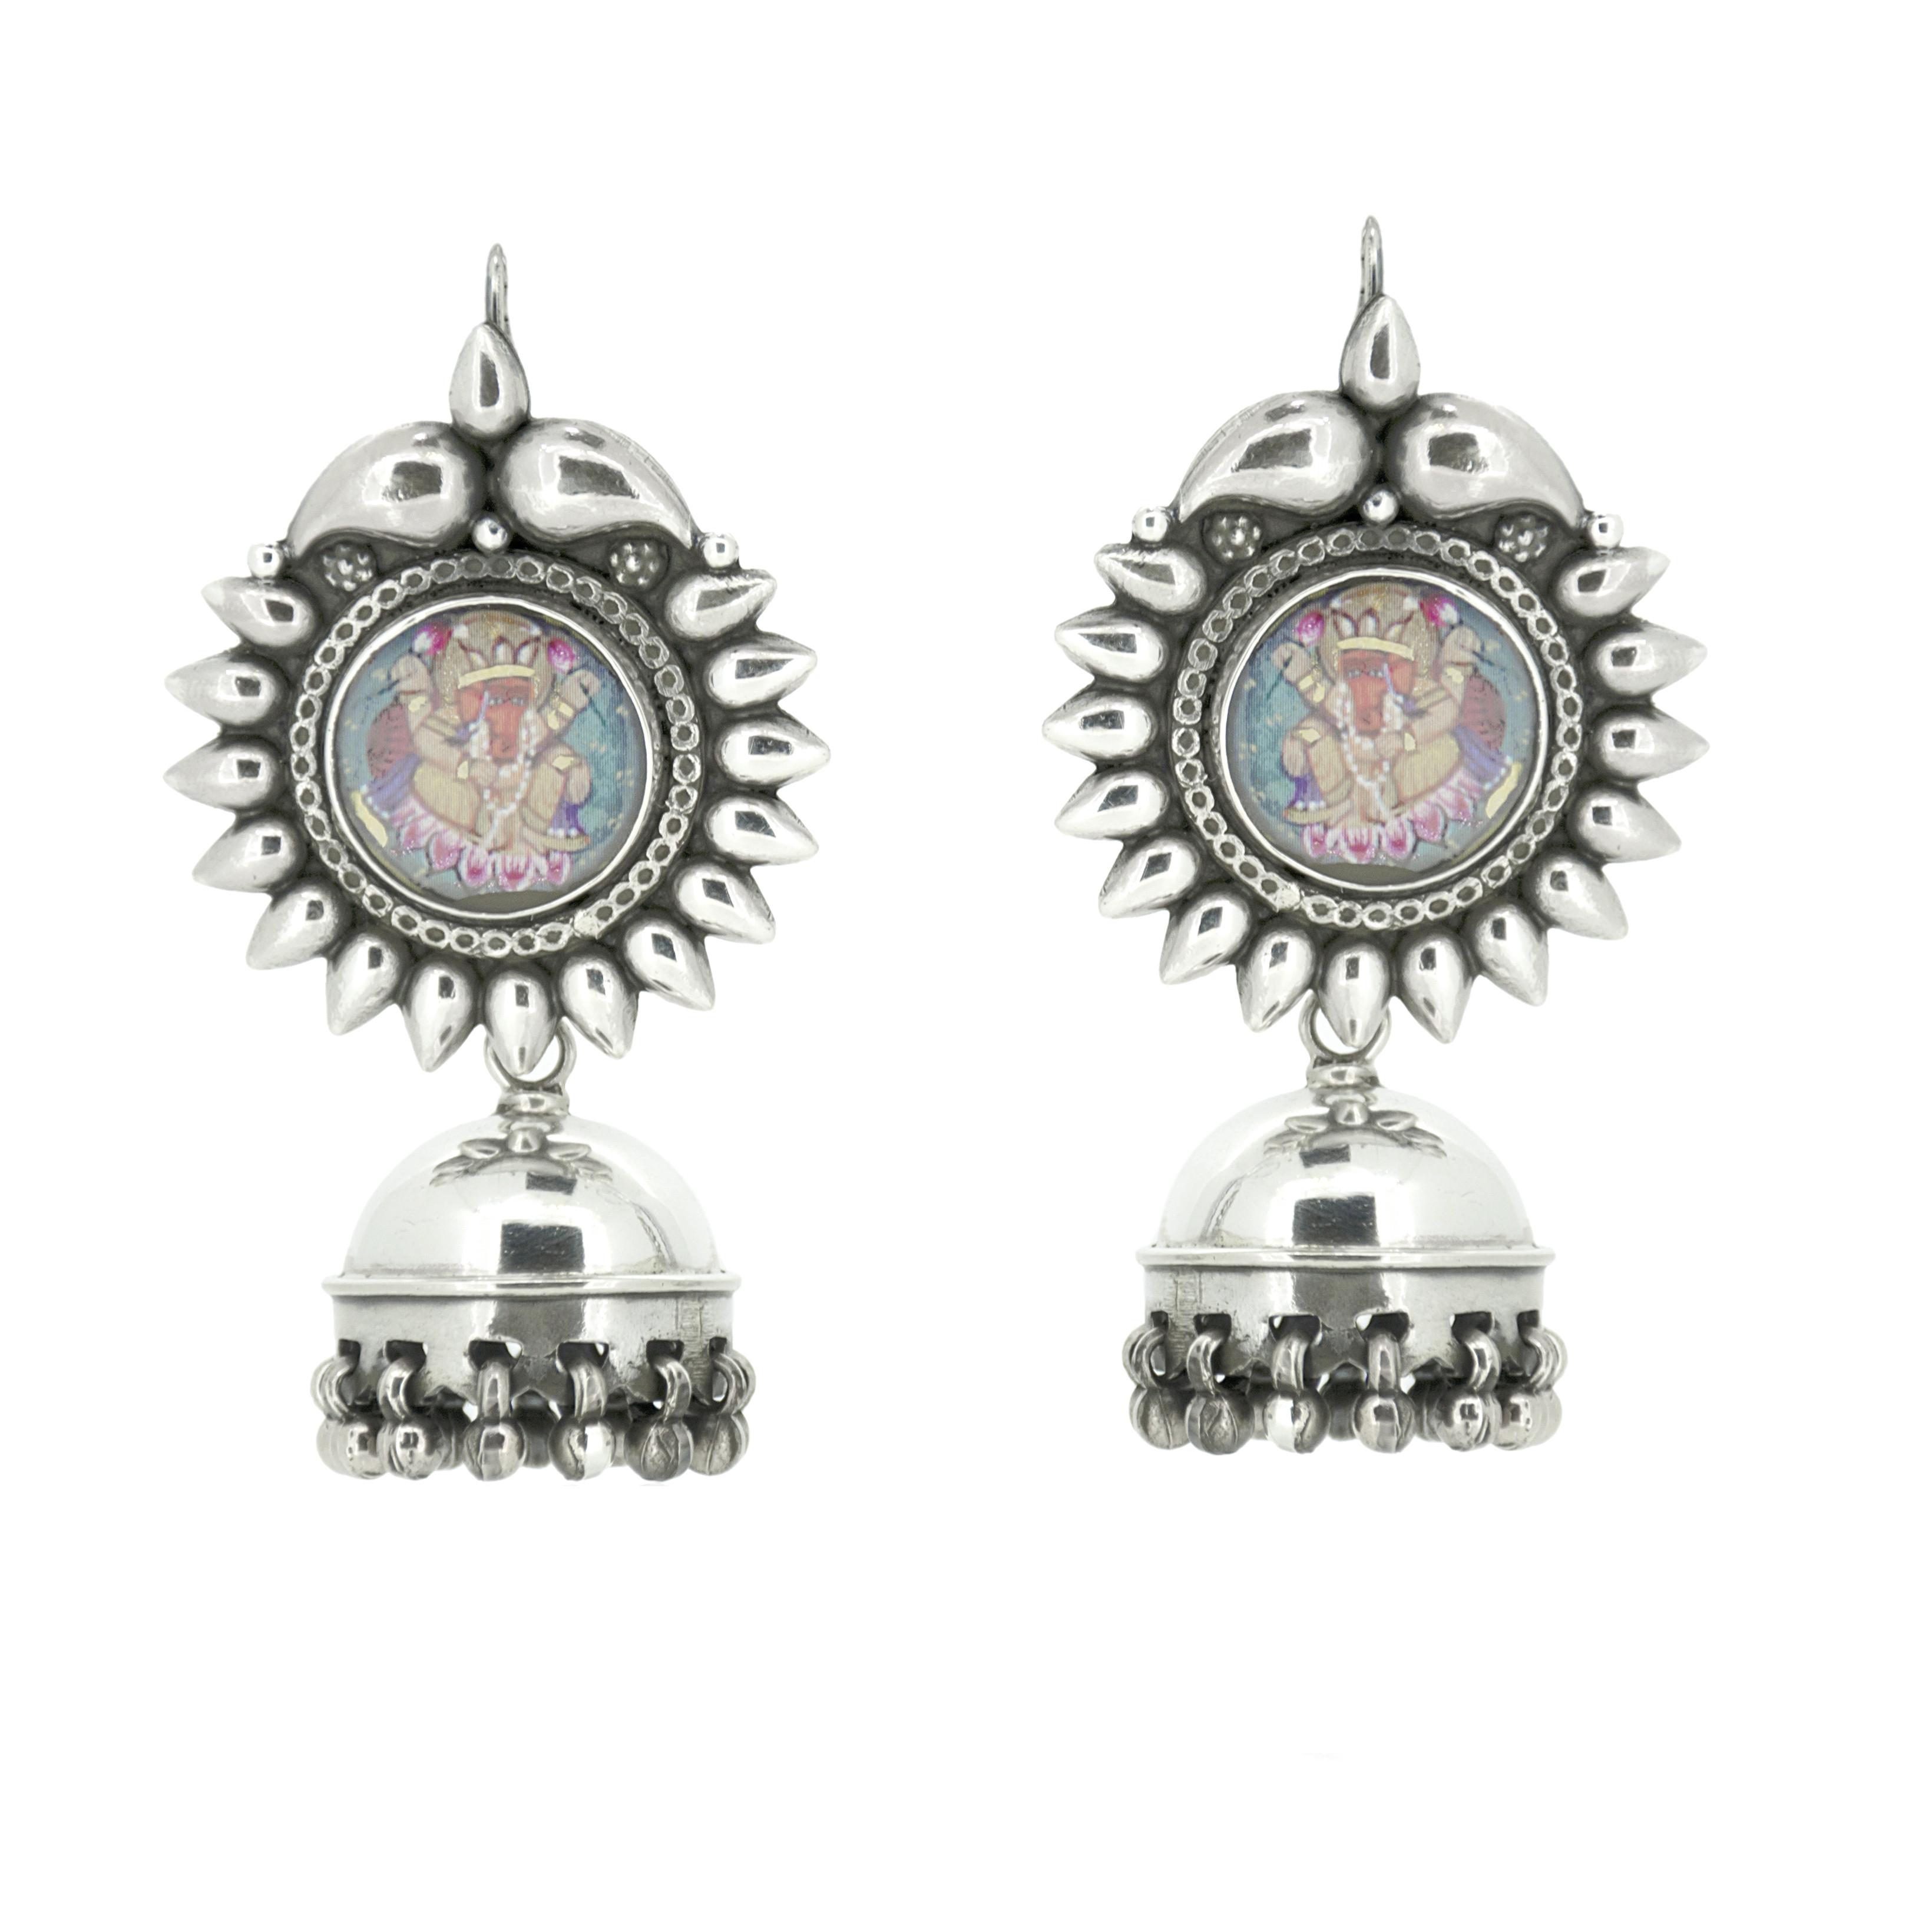 Handmade painting earrings in silver